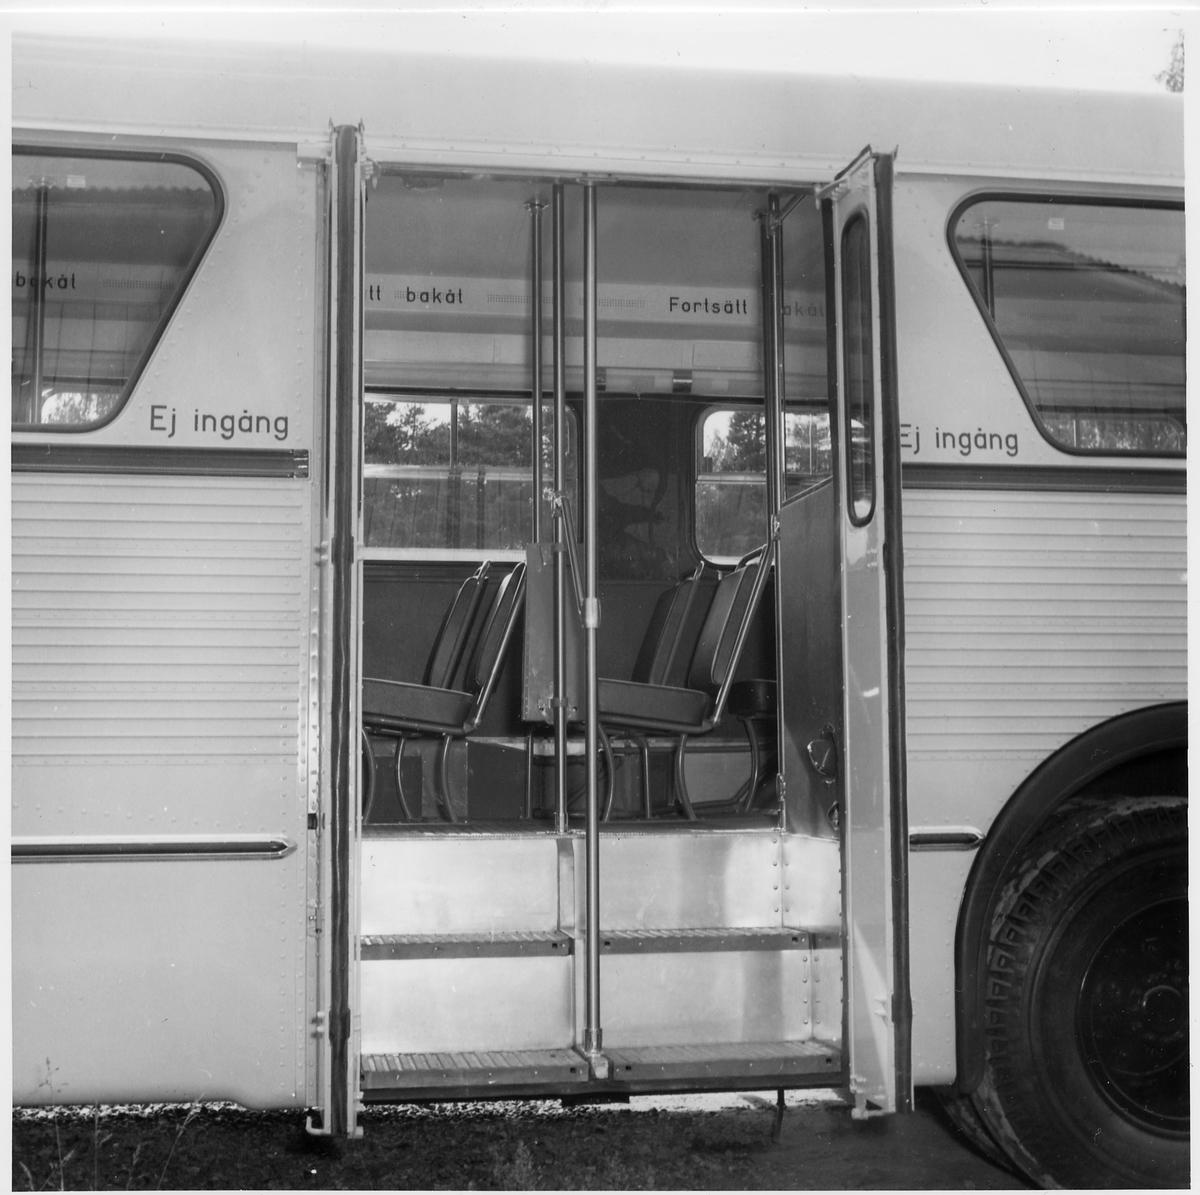 Avstigning från bussen sker genom dessa dörrar.